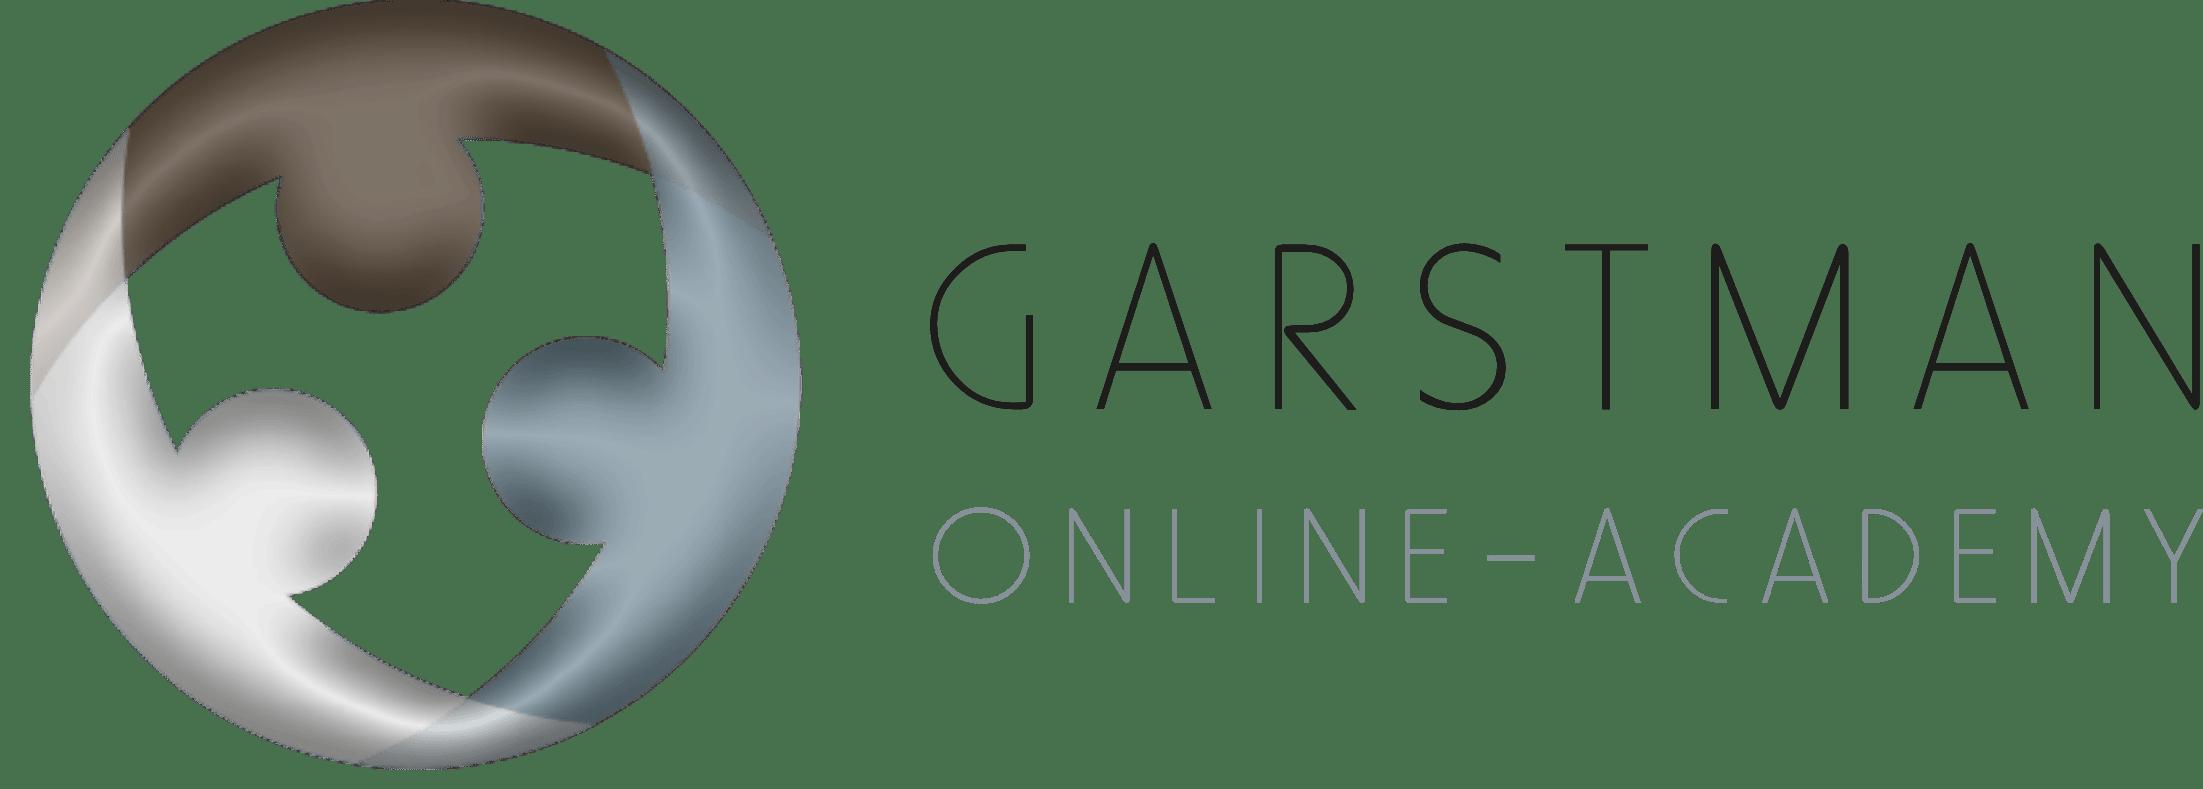 Garstman Online Academy